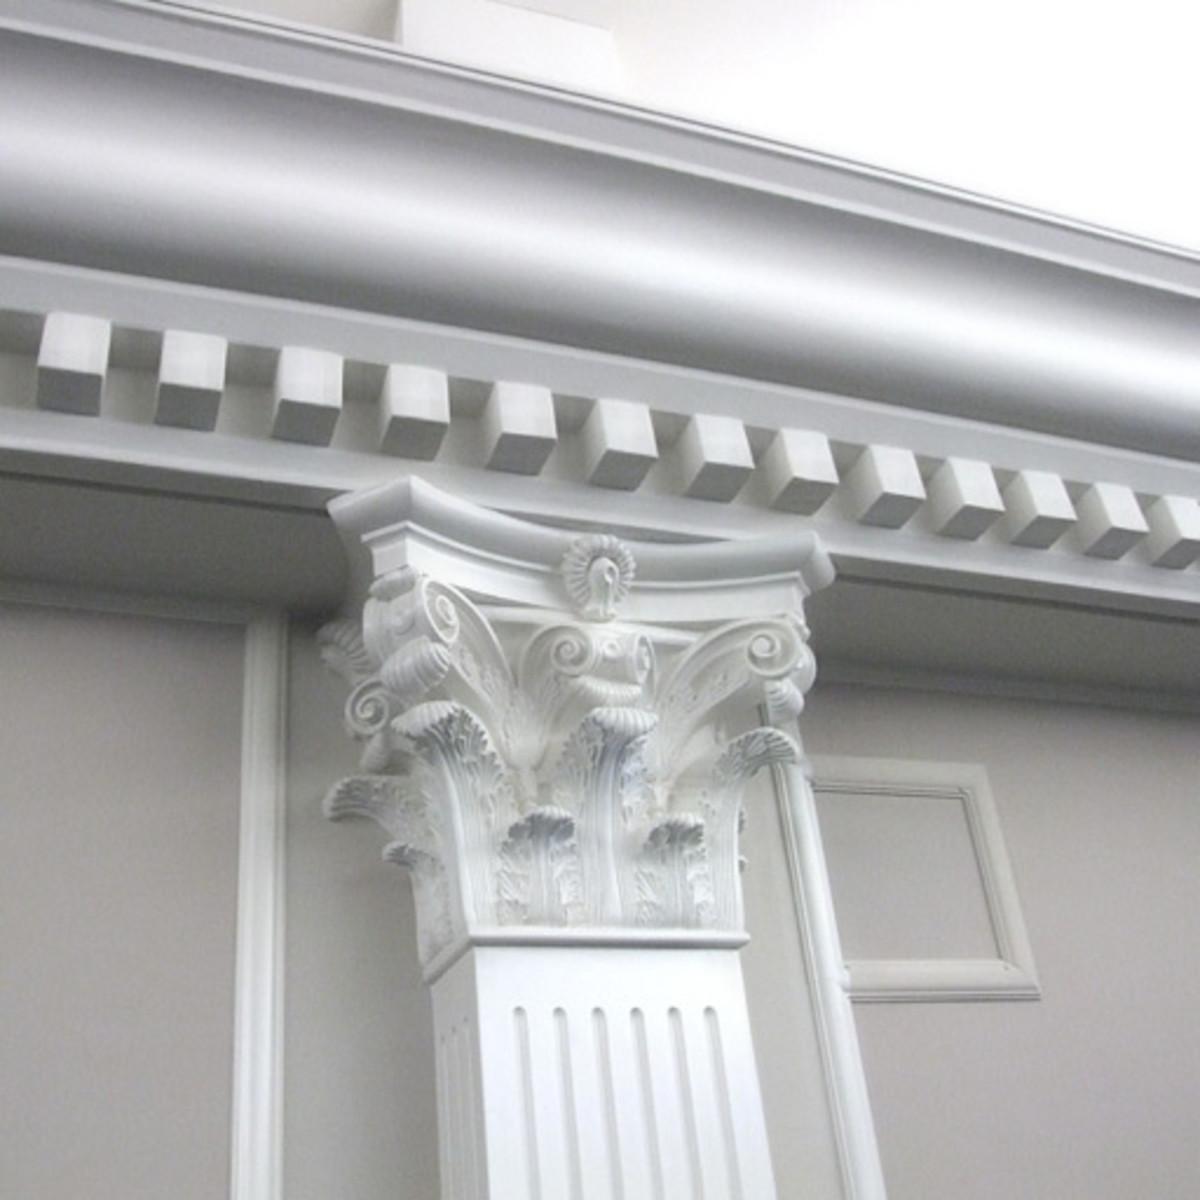 GFRC plaster from Stromberg